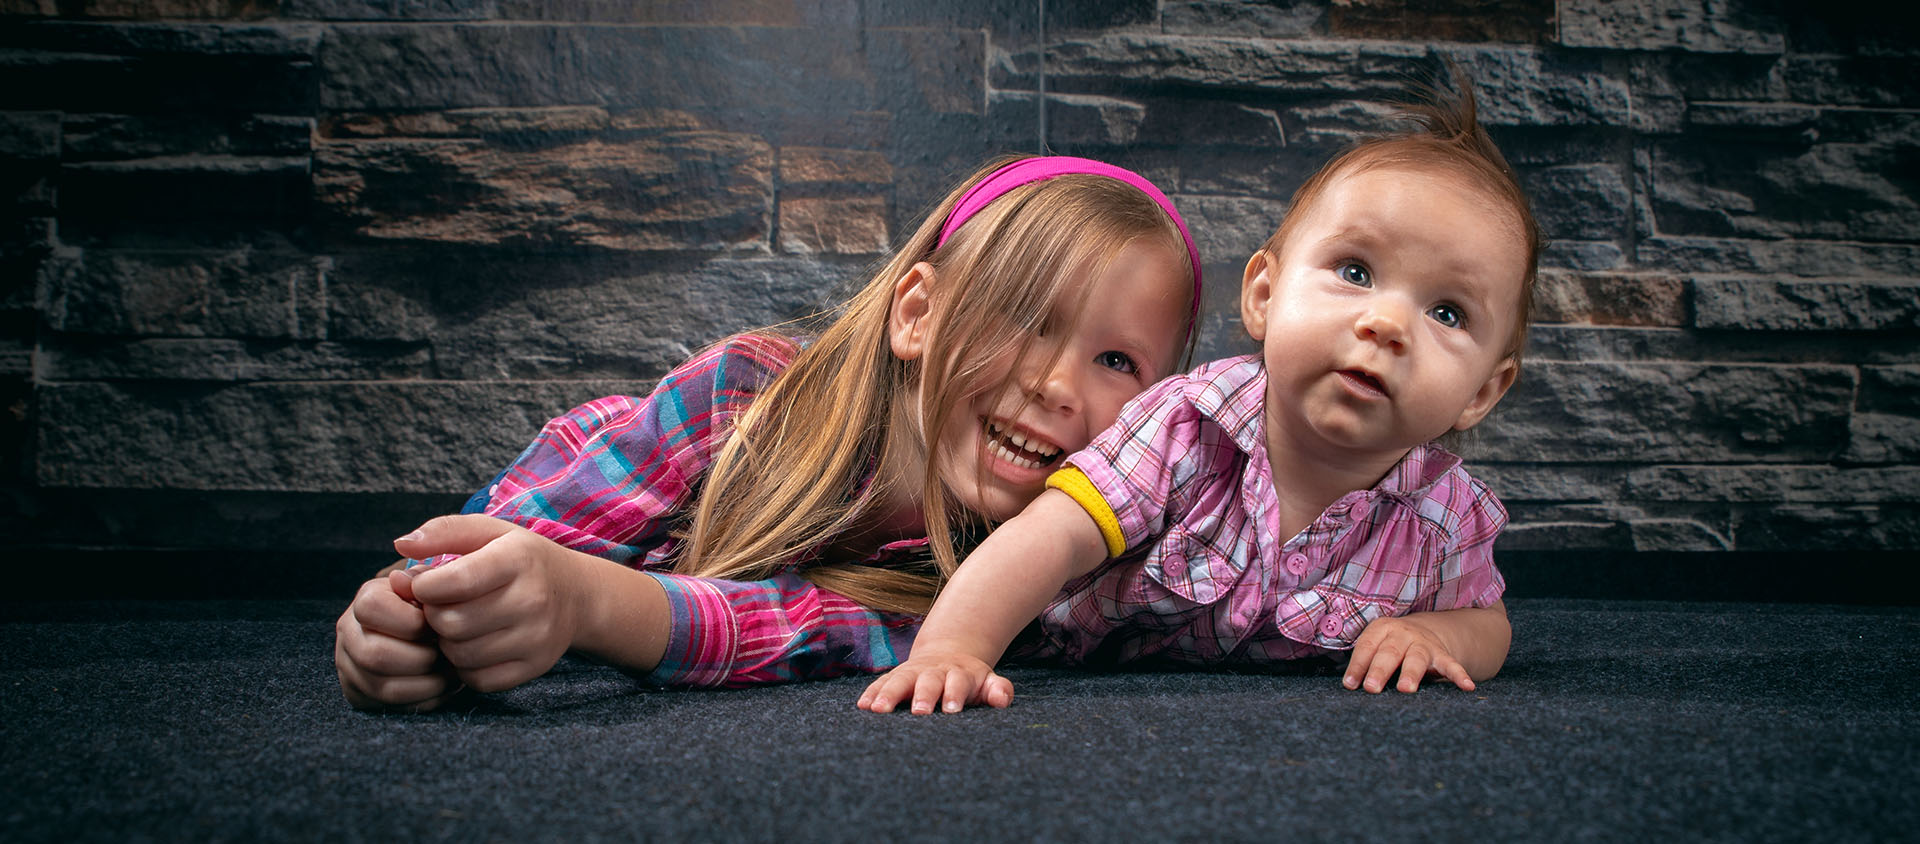 Kids - kinderportraits